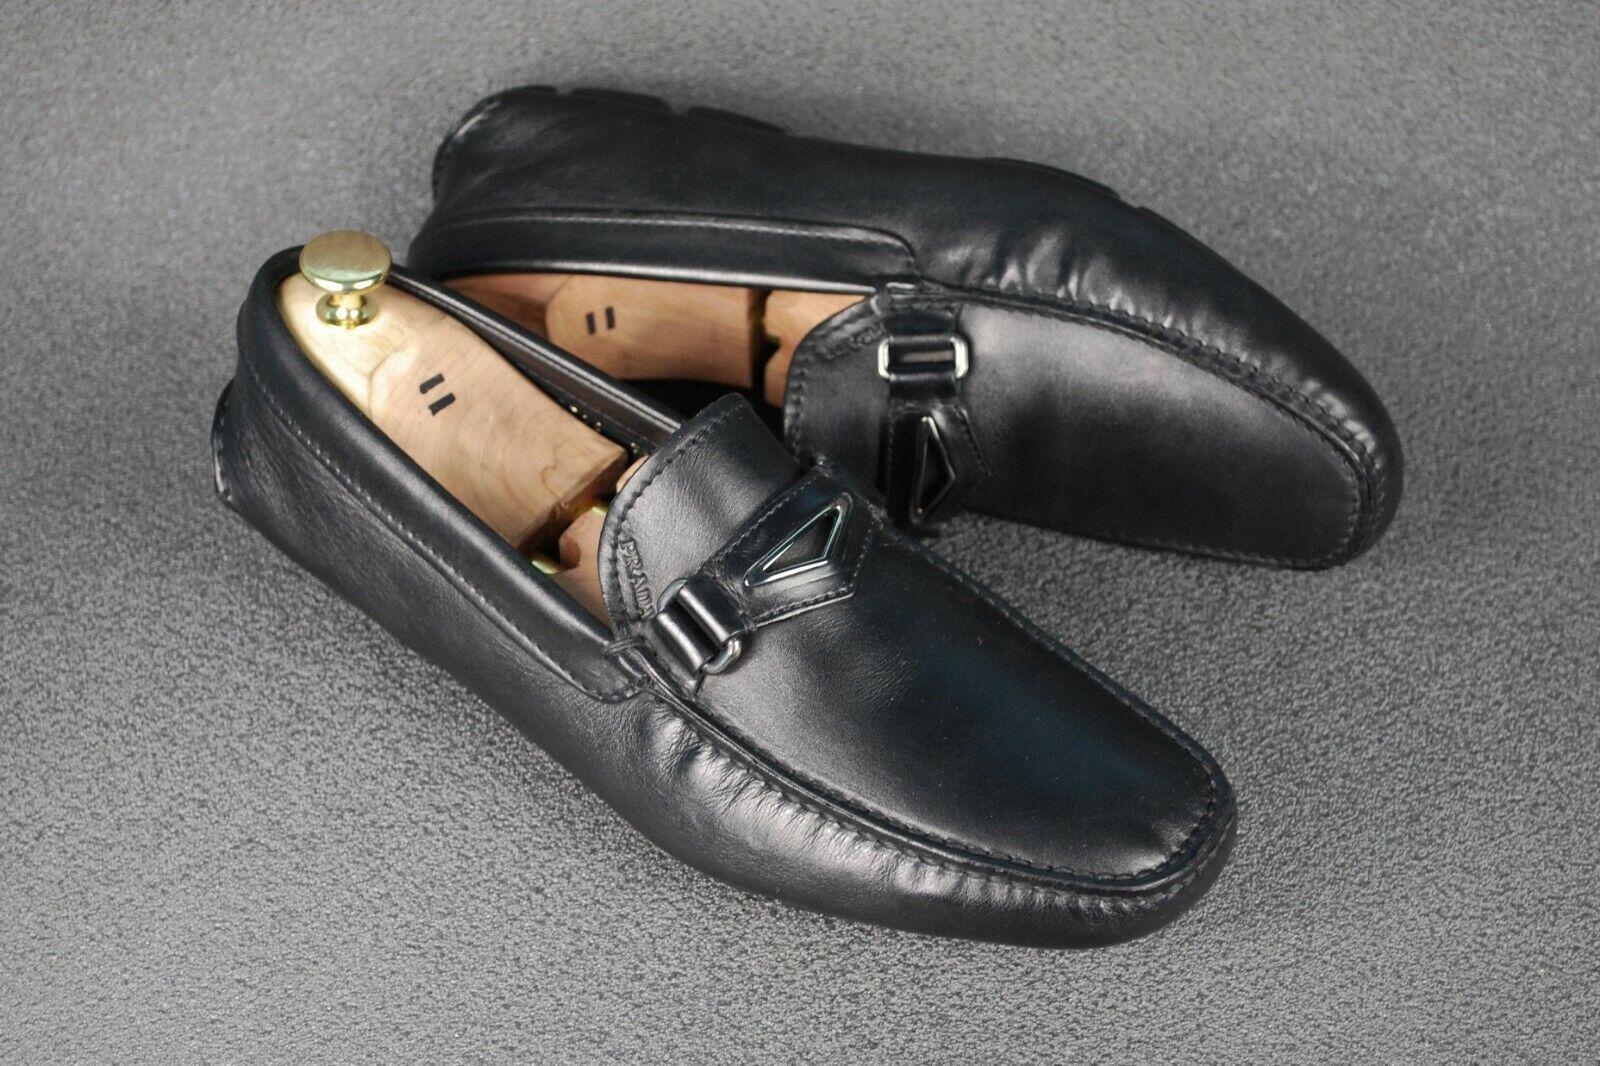 Prada conducción Mocasín Hecho en Italia UK7.5 US8.5 EU41.5 Mocasines Zapatos para hombre